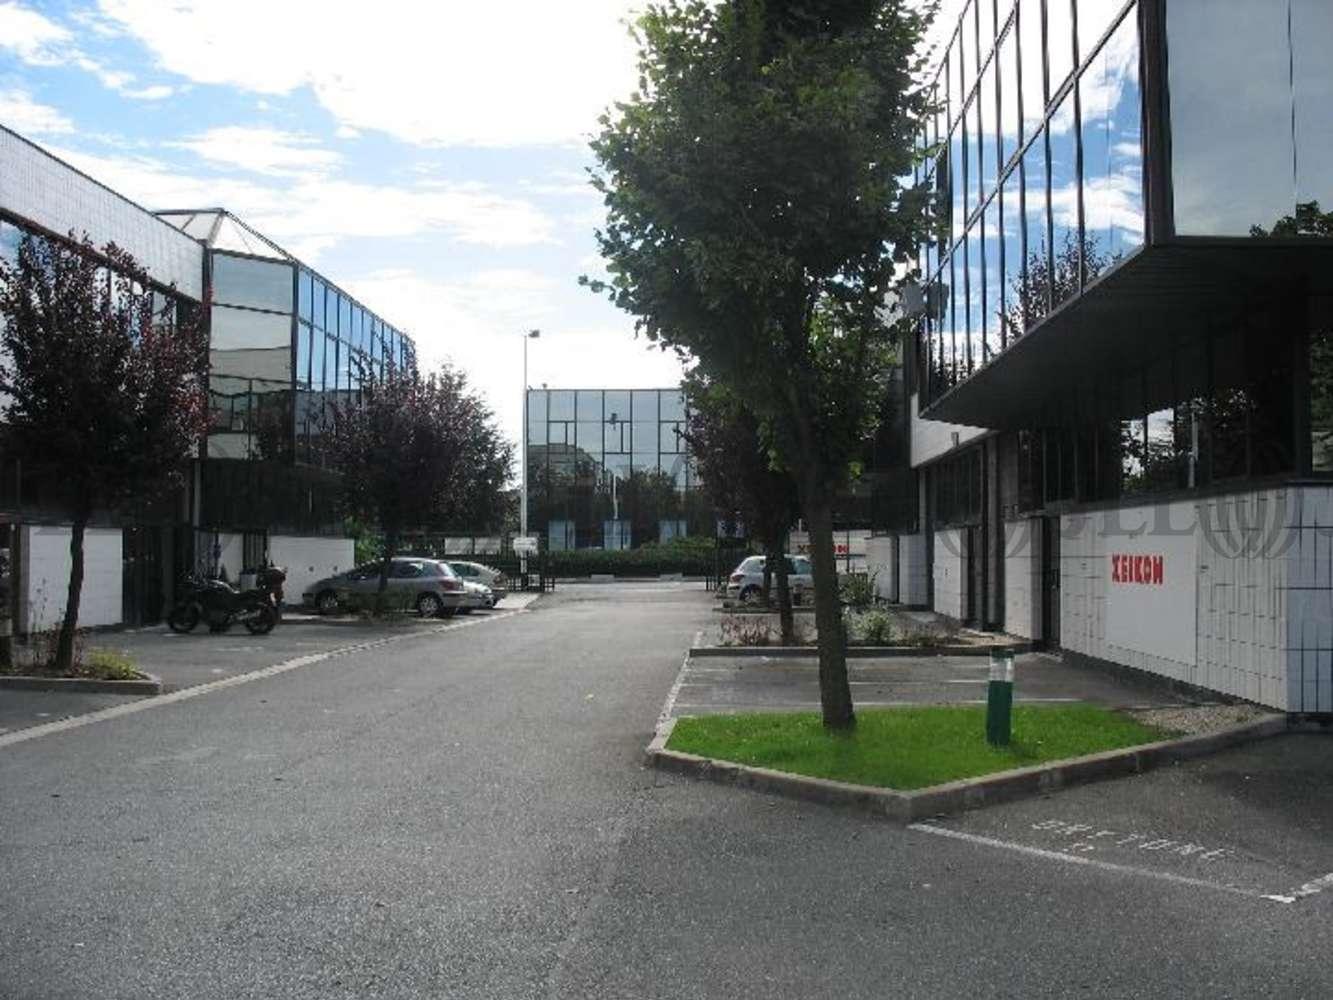 Activités/entrepôt Nanterre, 92000 - 11-13 RUE DES HAUTES PATURES